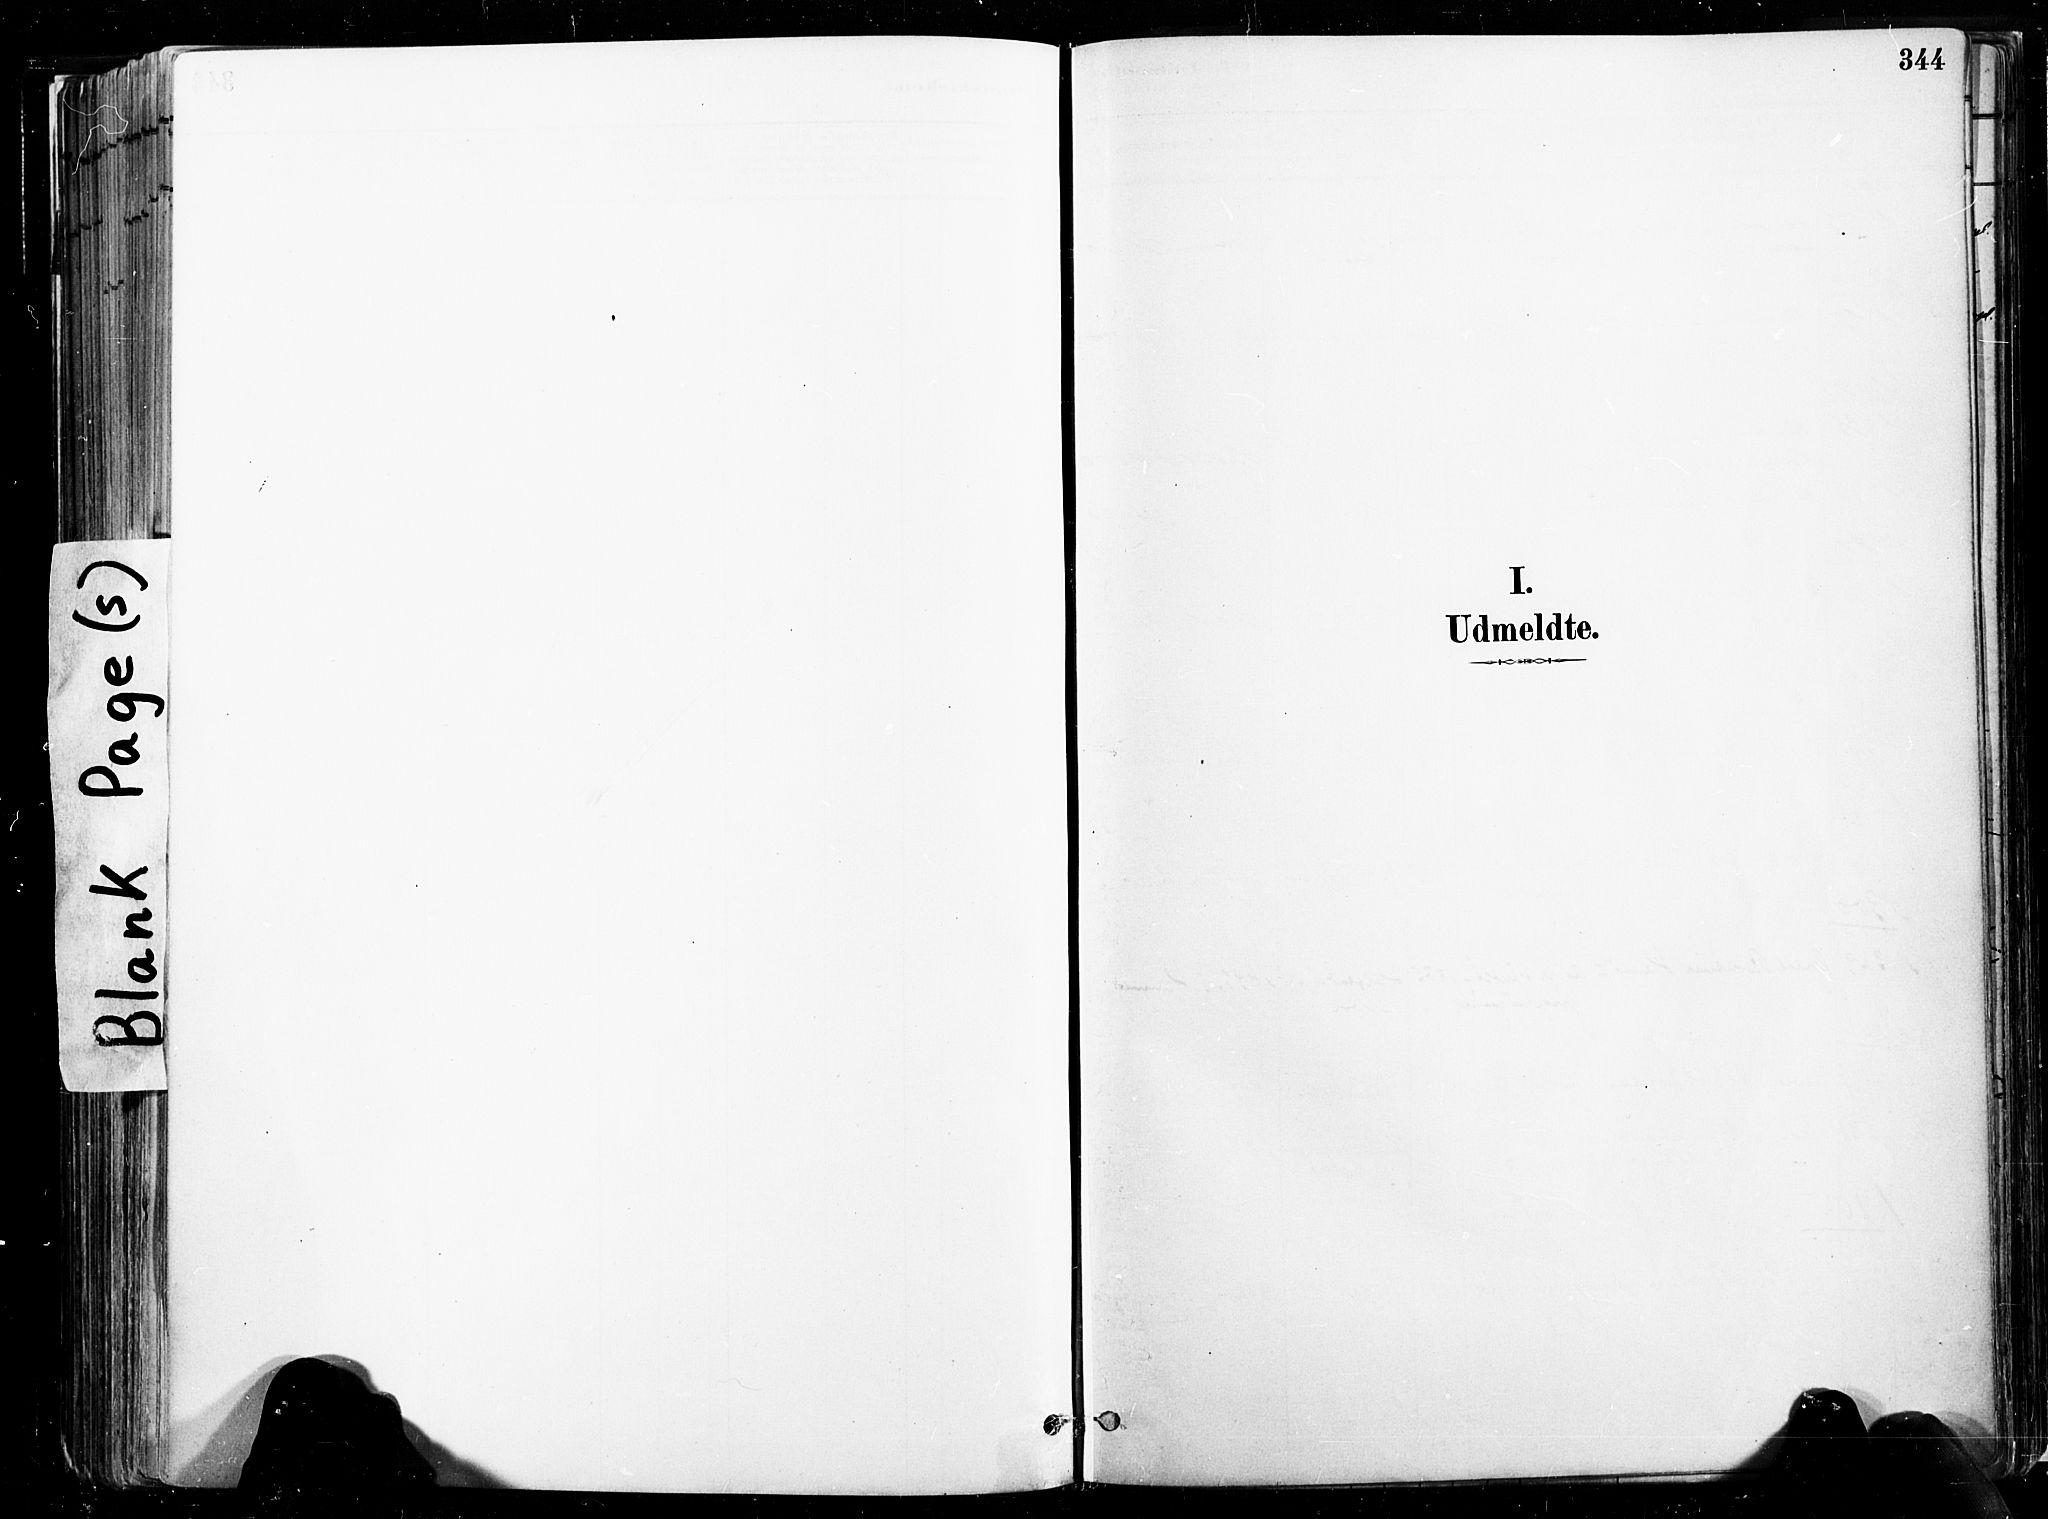 SAT, Ministerialprotokoller, klokkerbøker og fødselsregistre - Nord-Trøndelag, 735/L0351: Ministerialbok nr. 735A10, 1884-1908, s. 344